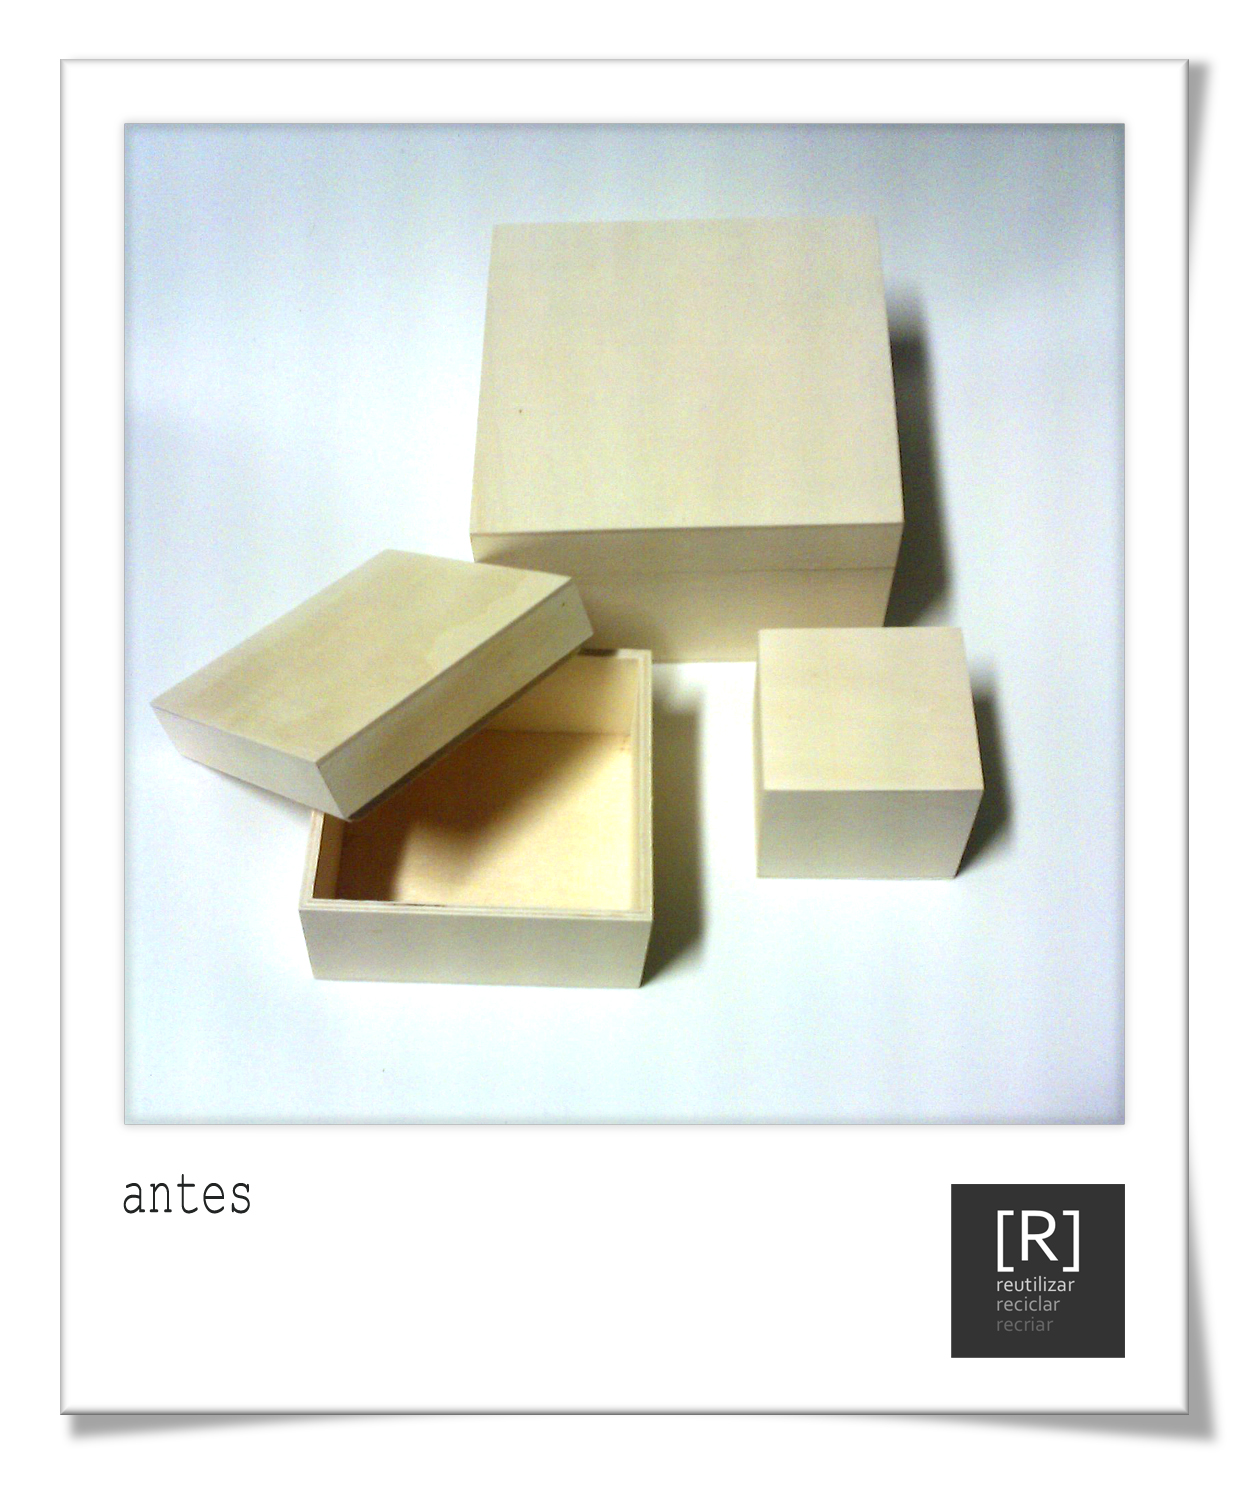 ideias para reciclar: [R] recriar caixa de madeira forrada com  #614118 1252x1486